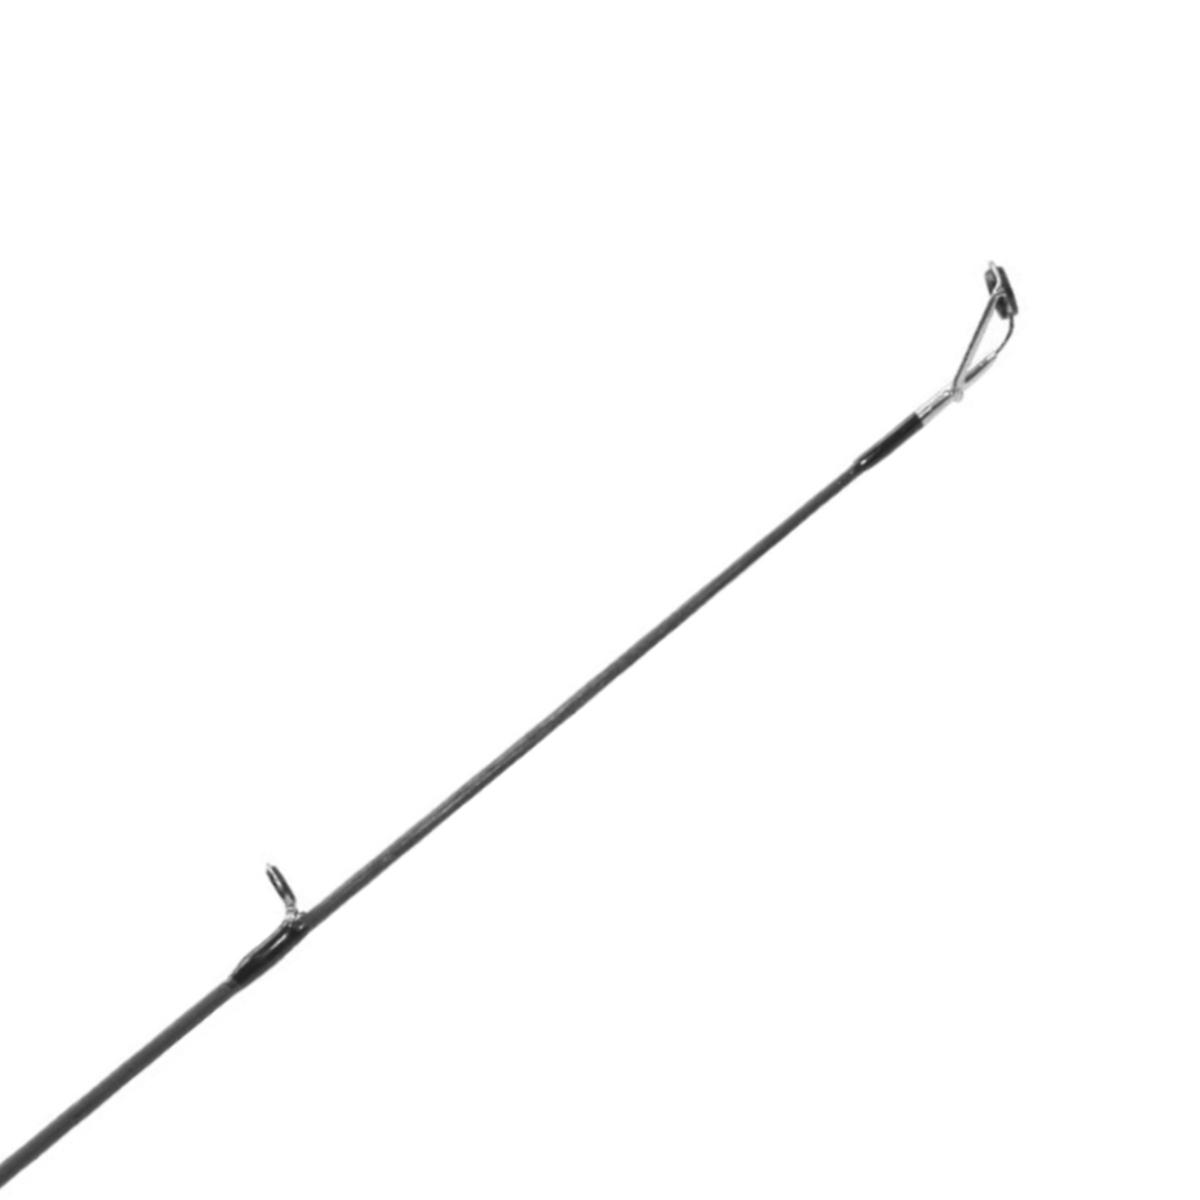 Vara Marine Evocarbon 561 (1,68m) 15-30lb p/ Carretilha Inteiriça  - Pesca Adventure